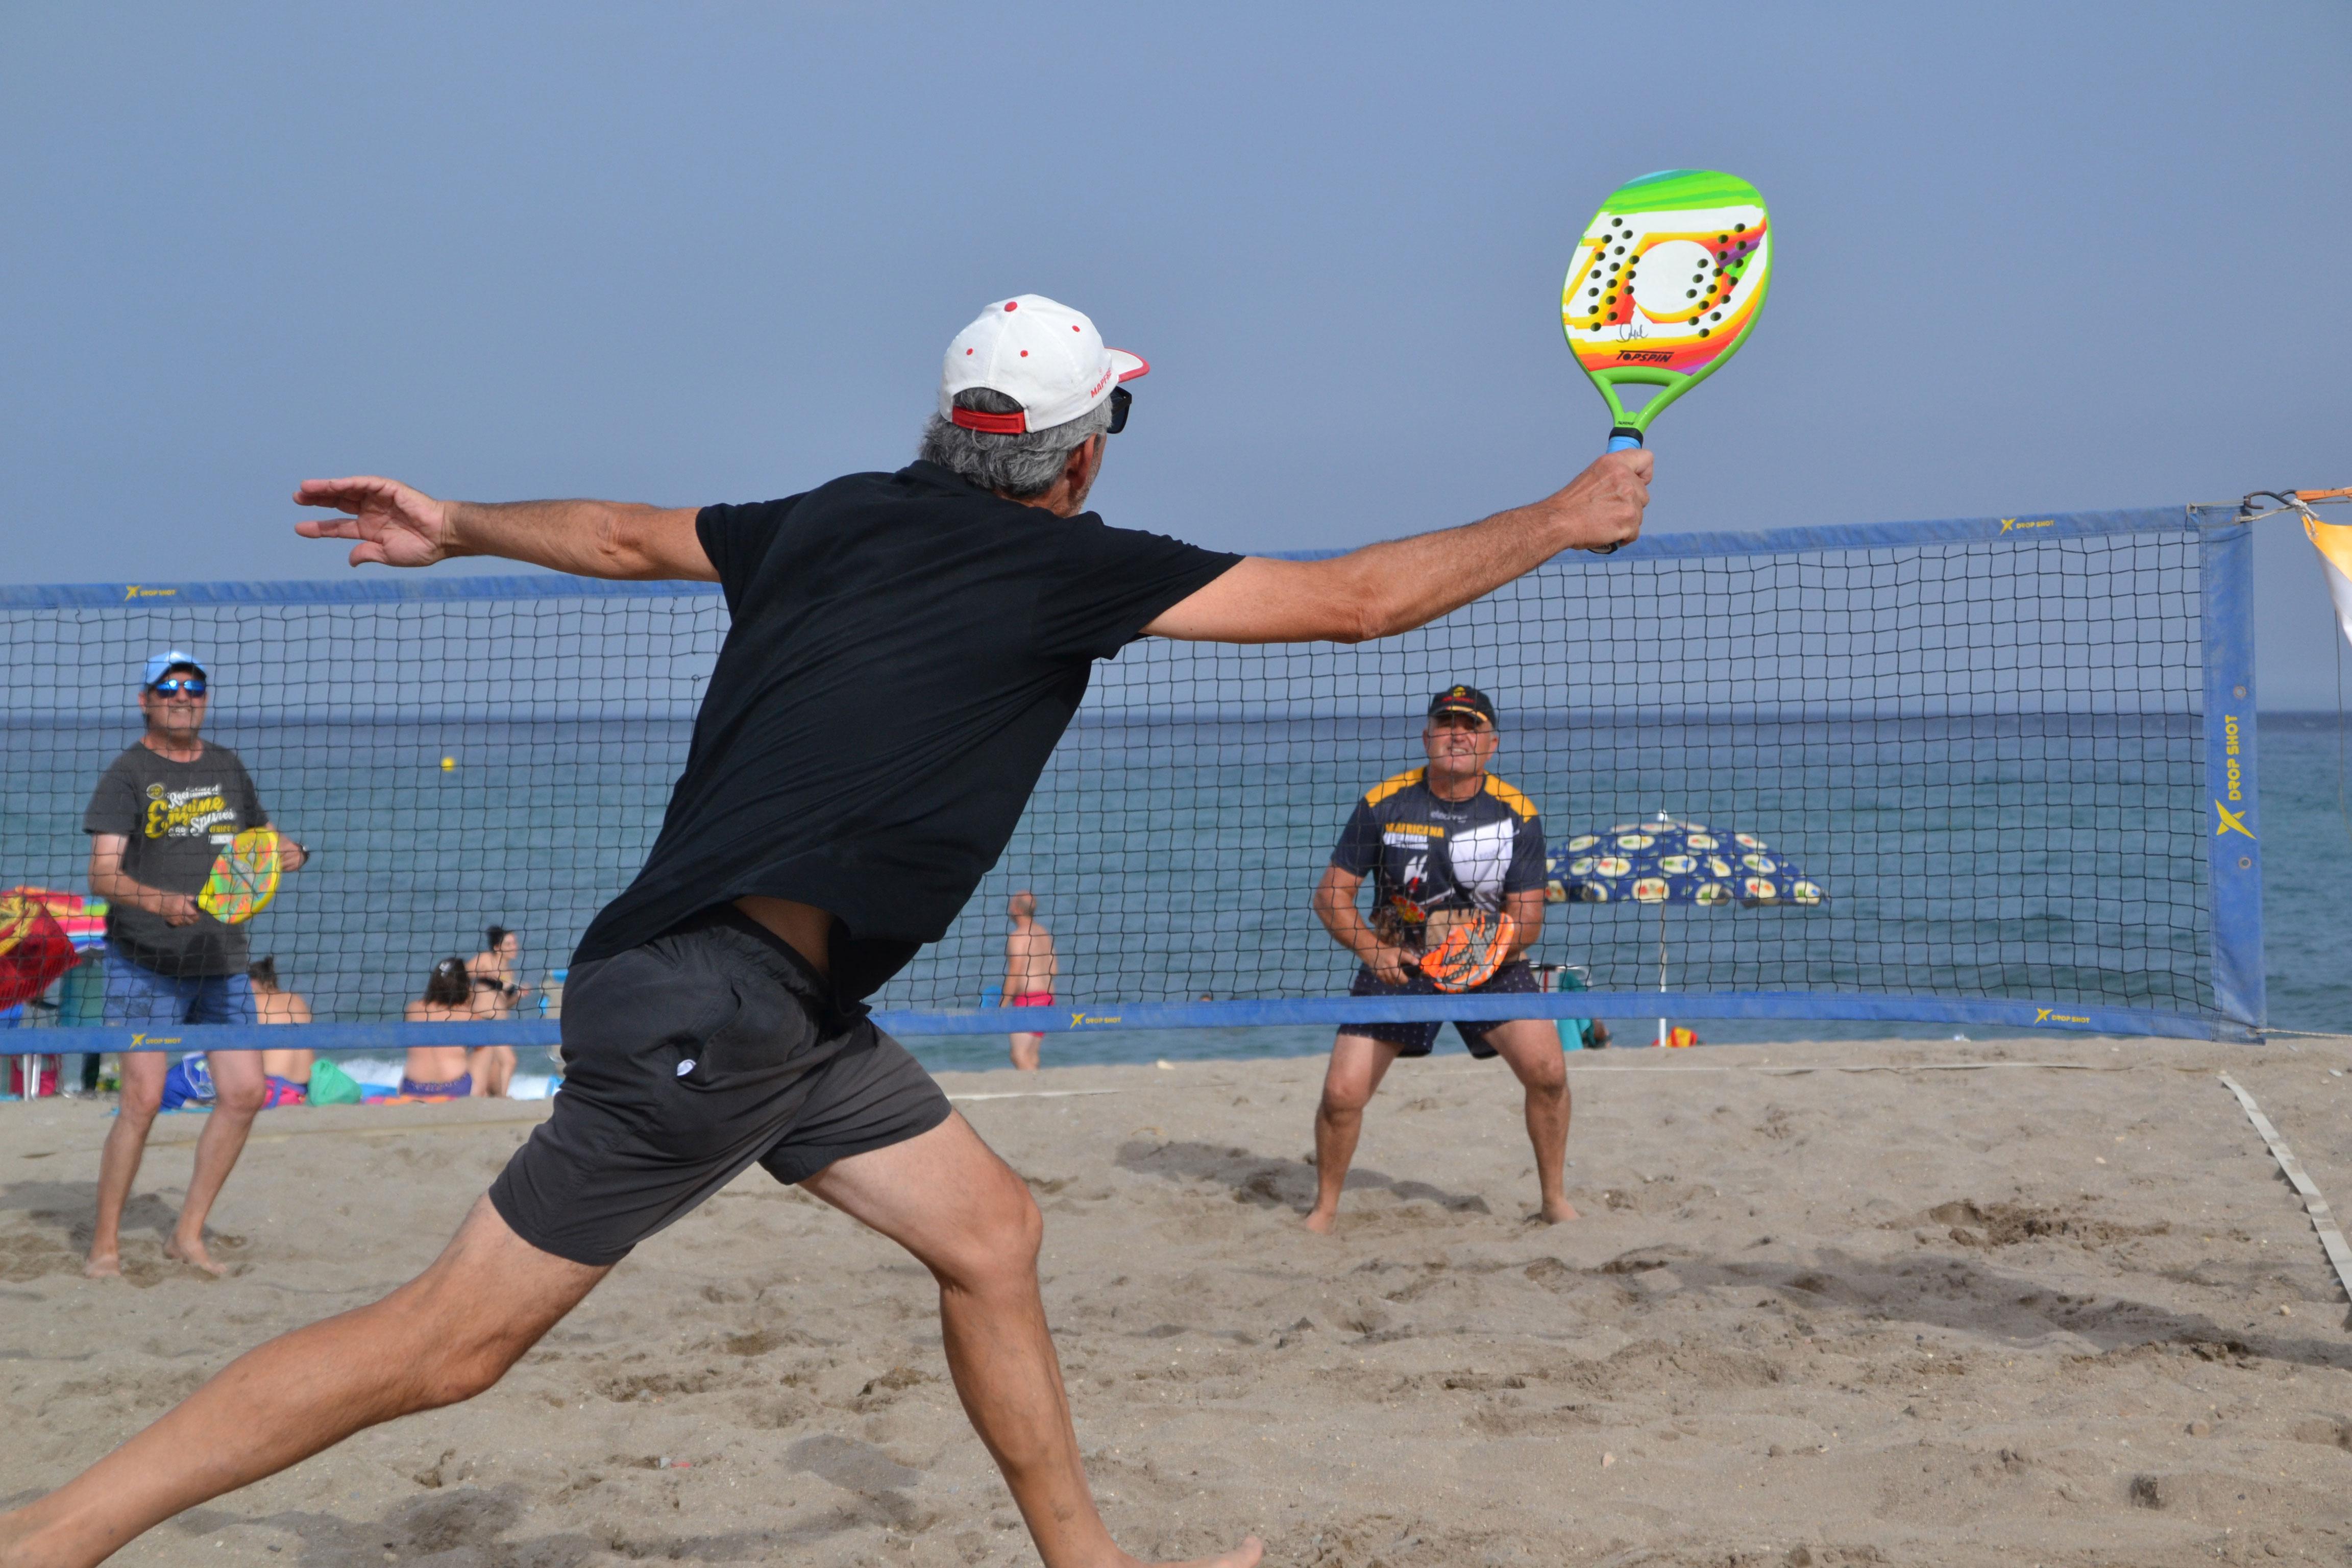 Copa de Verano de Tenis Playa